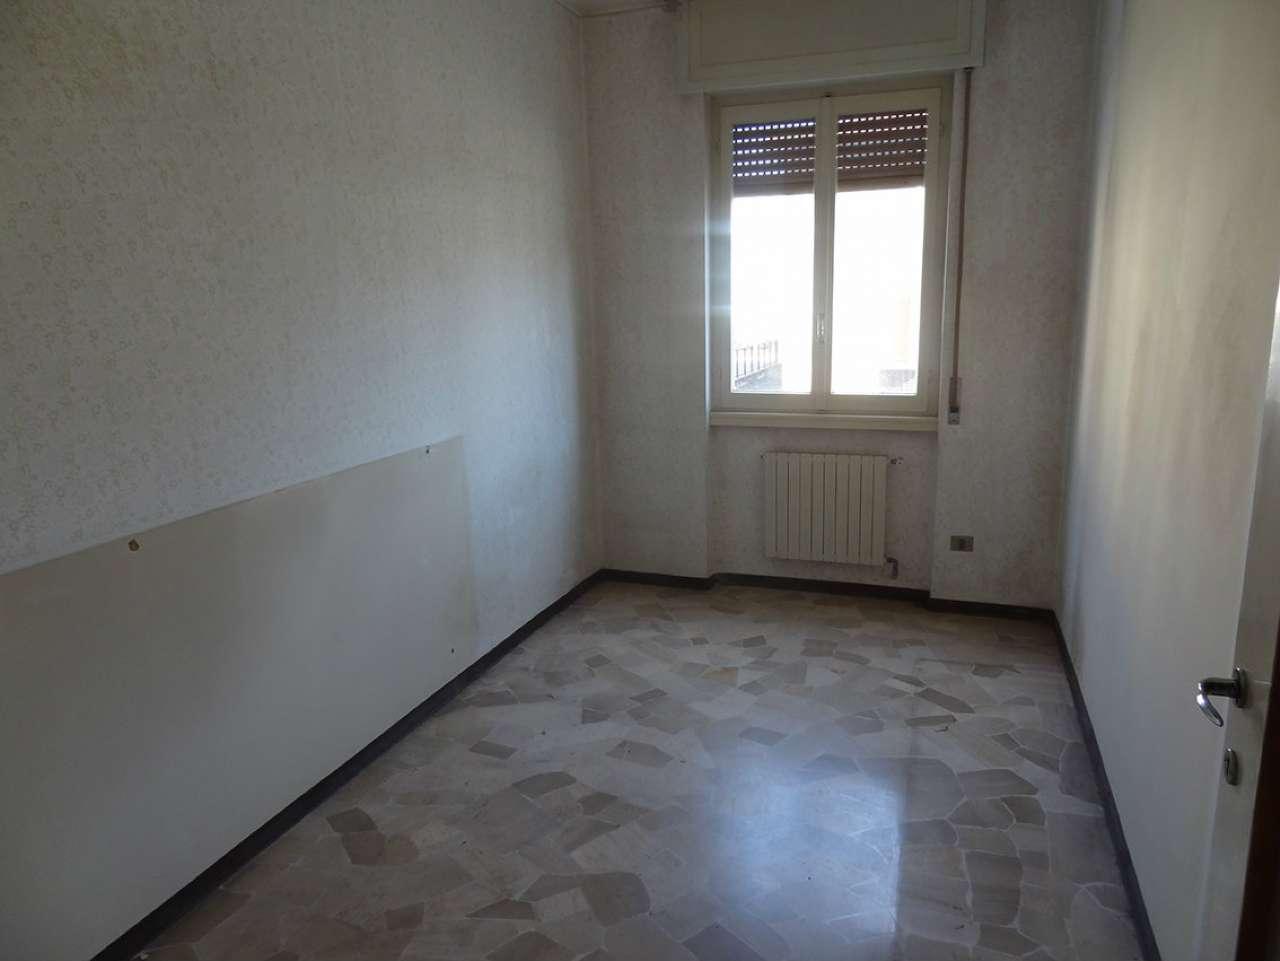 Appartamento in vendita a Laveno-Mombello, 2 locali, prezzo € 80.000 | Cambio Casa.it